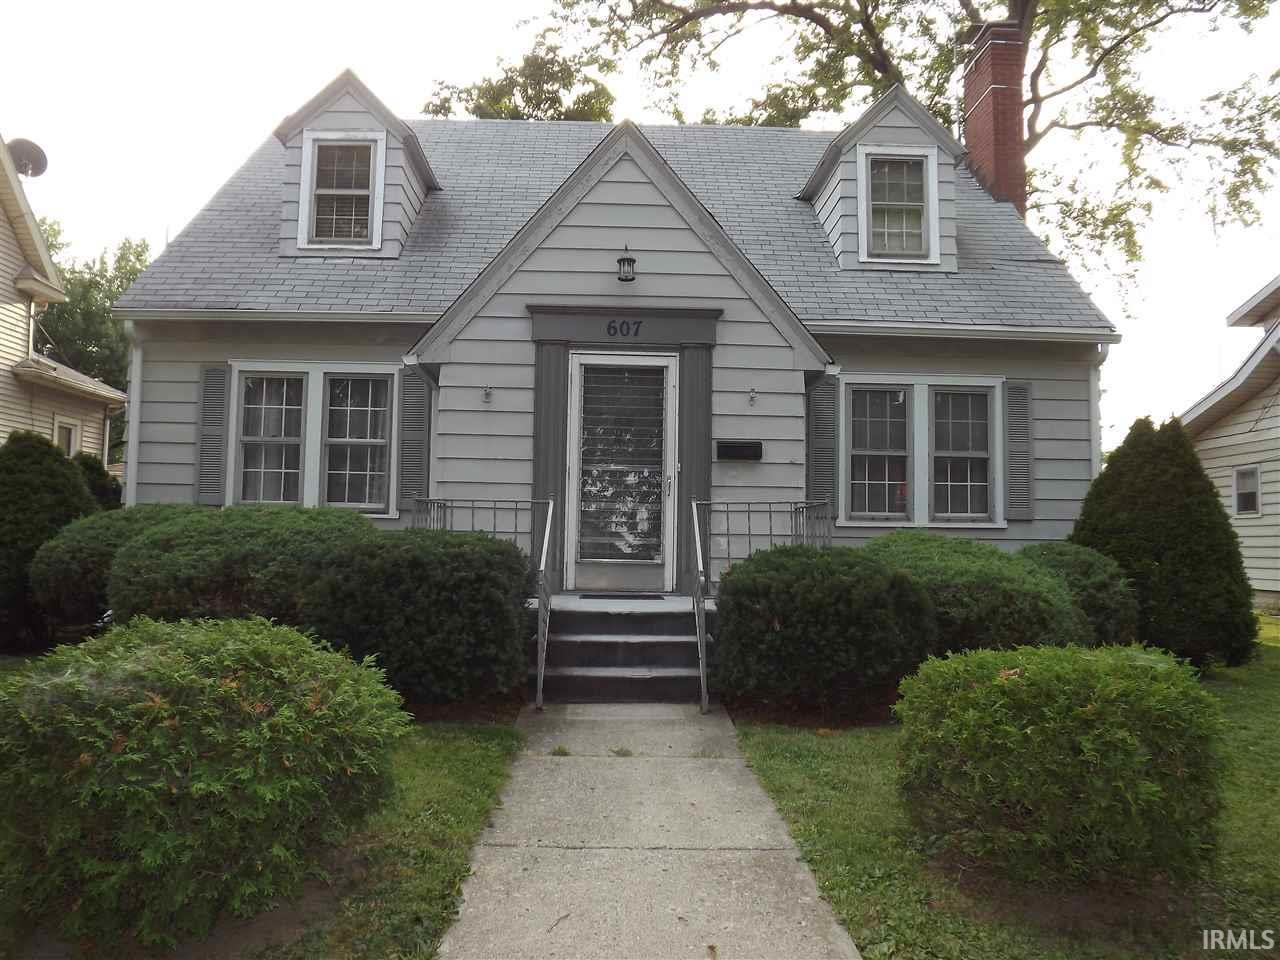 607 S Indiana Avenue Auburn IN 46706 & 607 S Indiana Avenue Auburn IN 46706 - SOLD LISTING | Carpenter ...